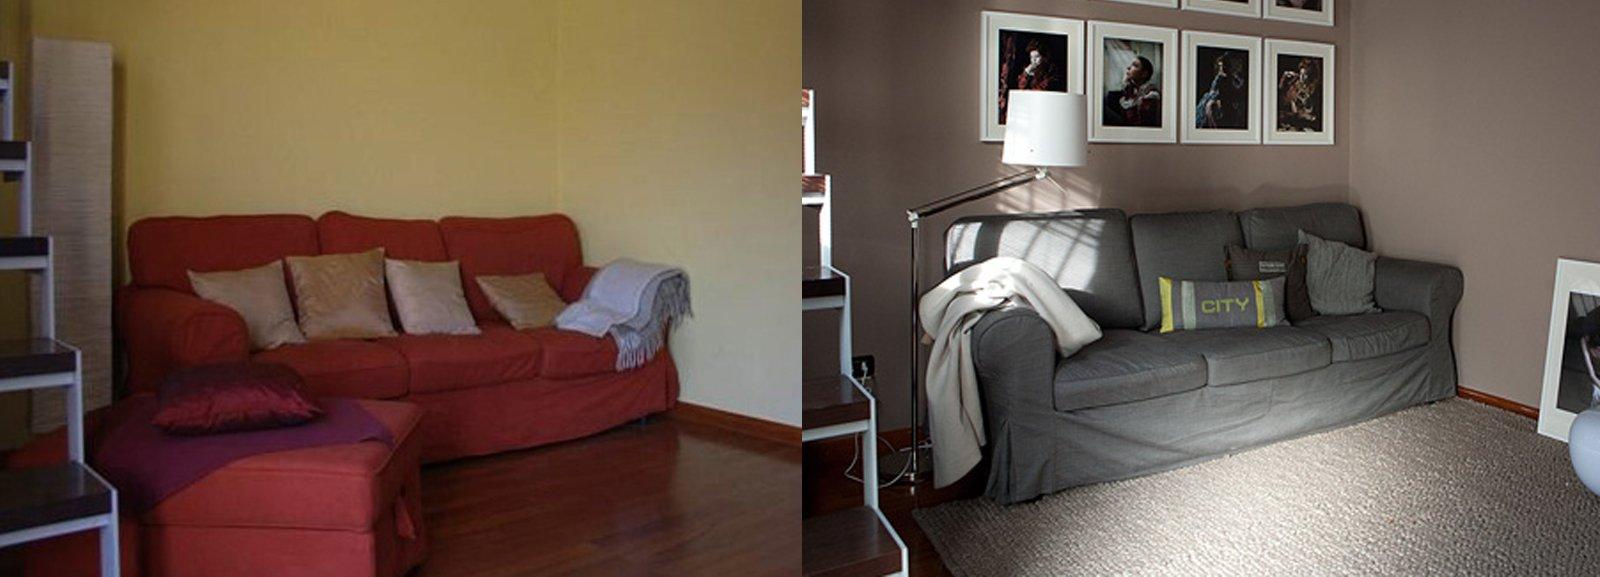 Soggiorno restyling spendendo poco cose di casa for Case moderne poco costose